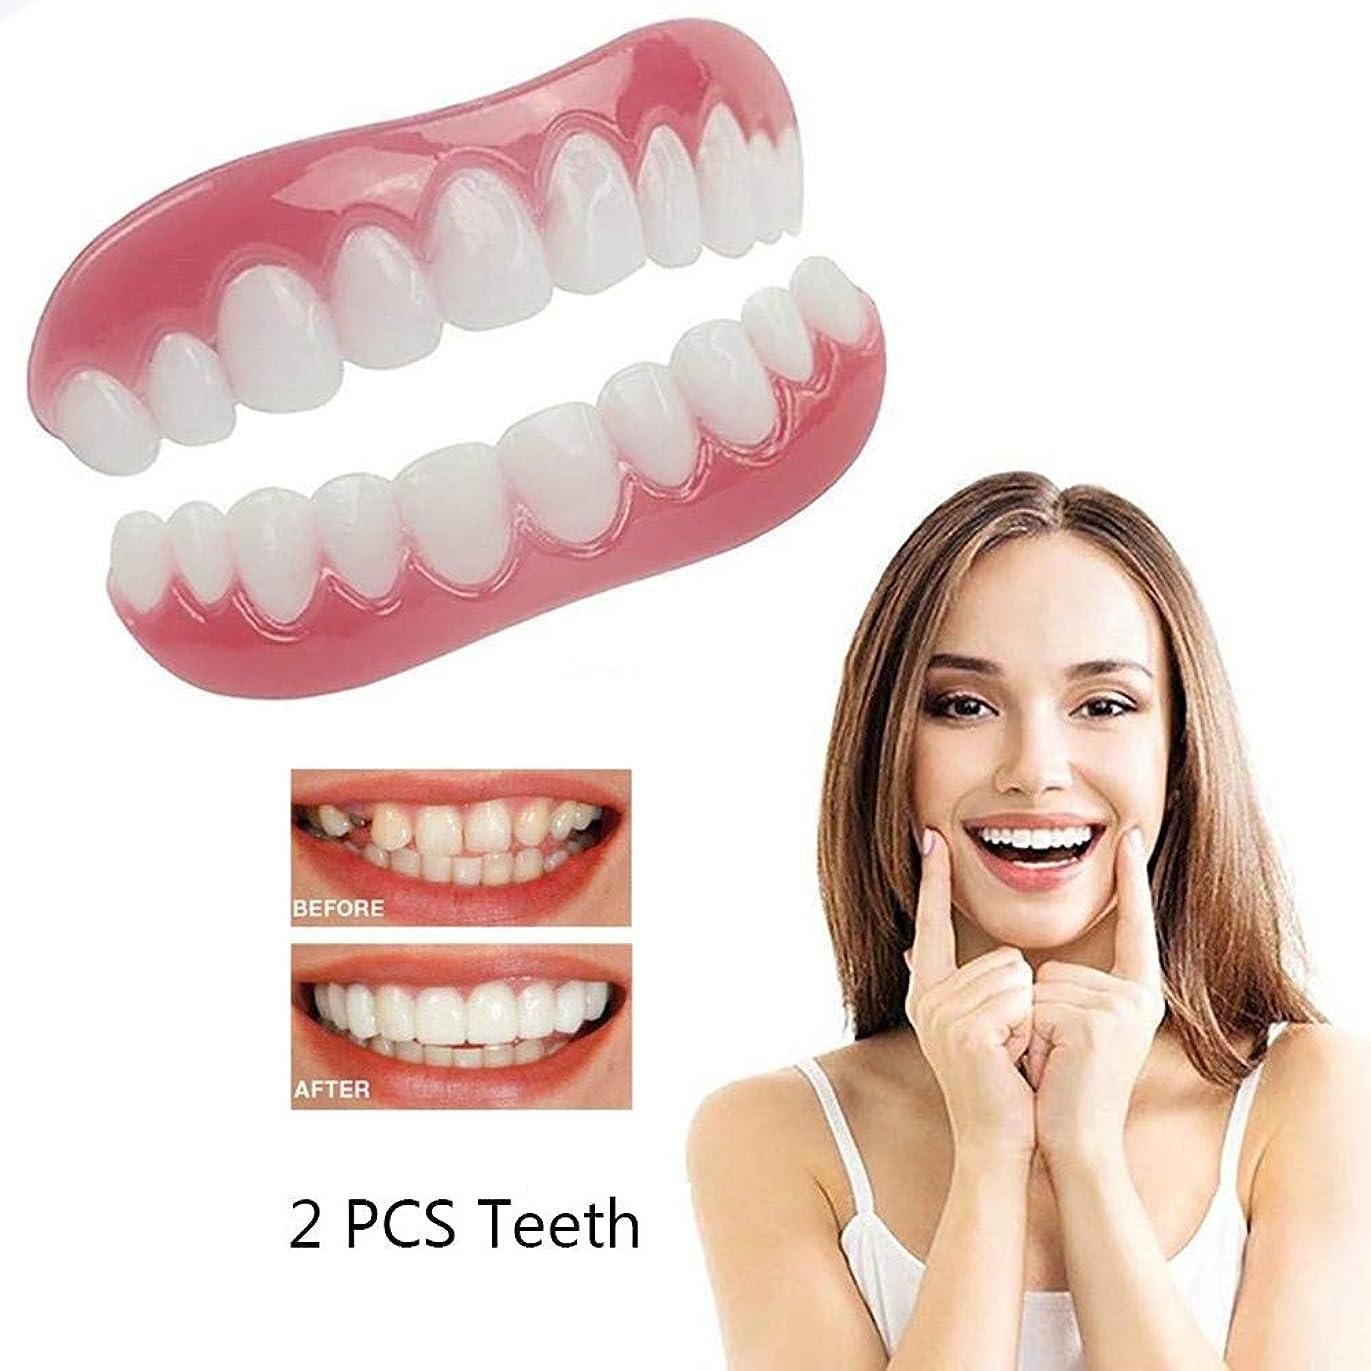 銃開業医愛人化粧品の歯のホワイトニングパーフェクトフィットスナップオンスマイルトップとボトムの偽歯インスタントプロテーゼスマイルコンフォートフィットフレックスオーラルケア